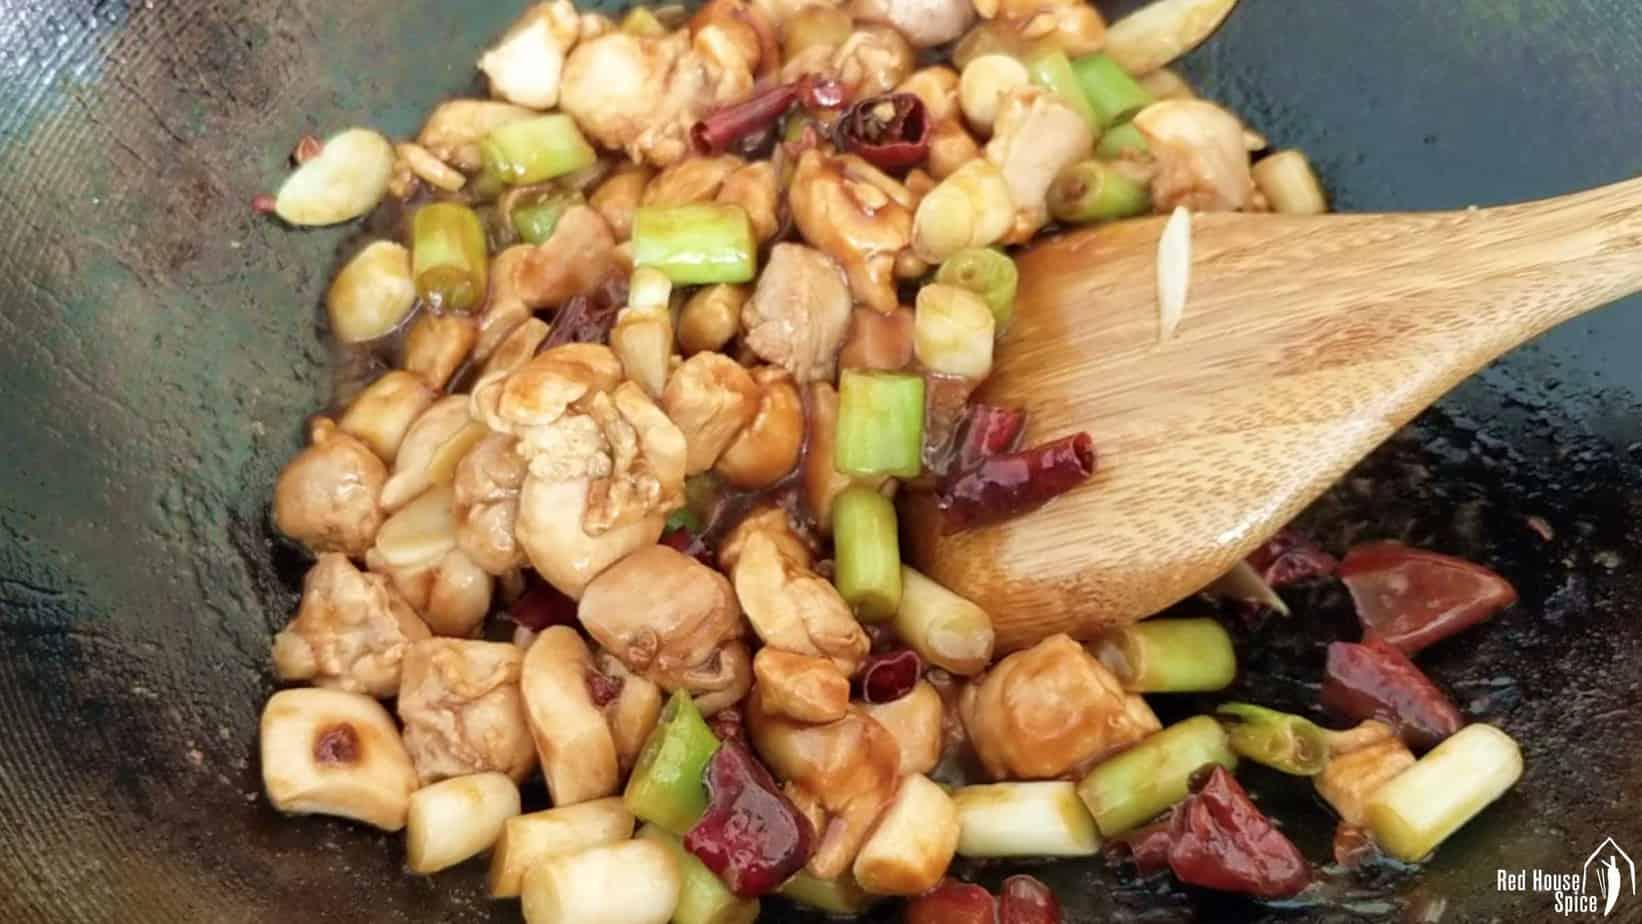 stir-frying in a wok